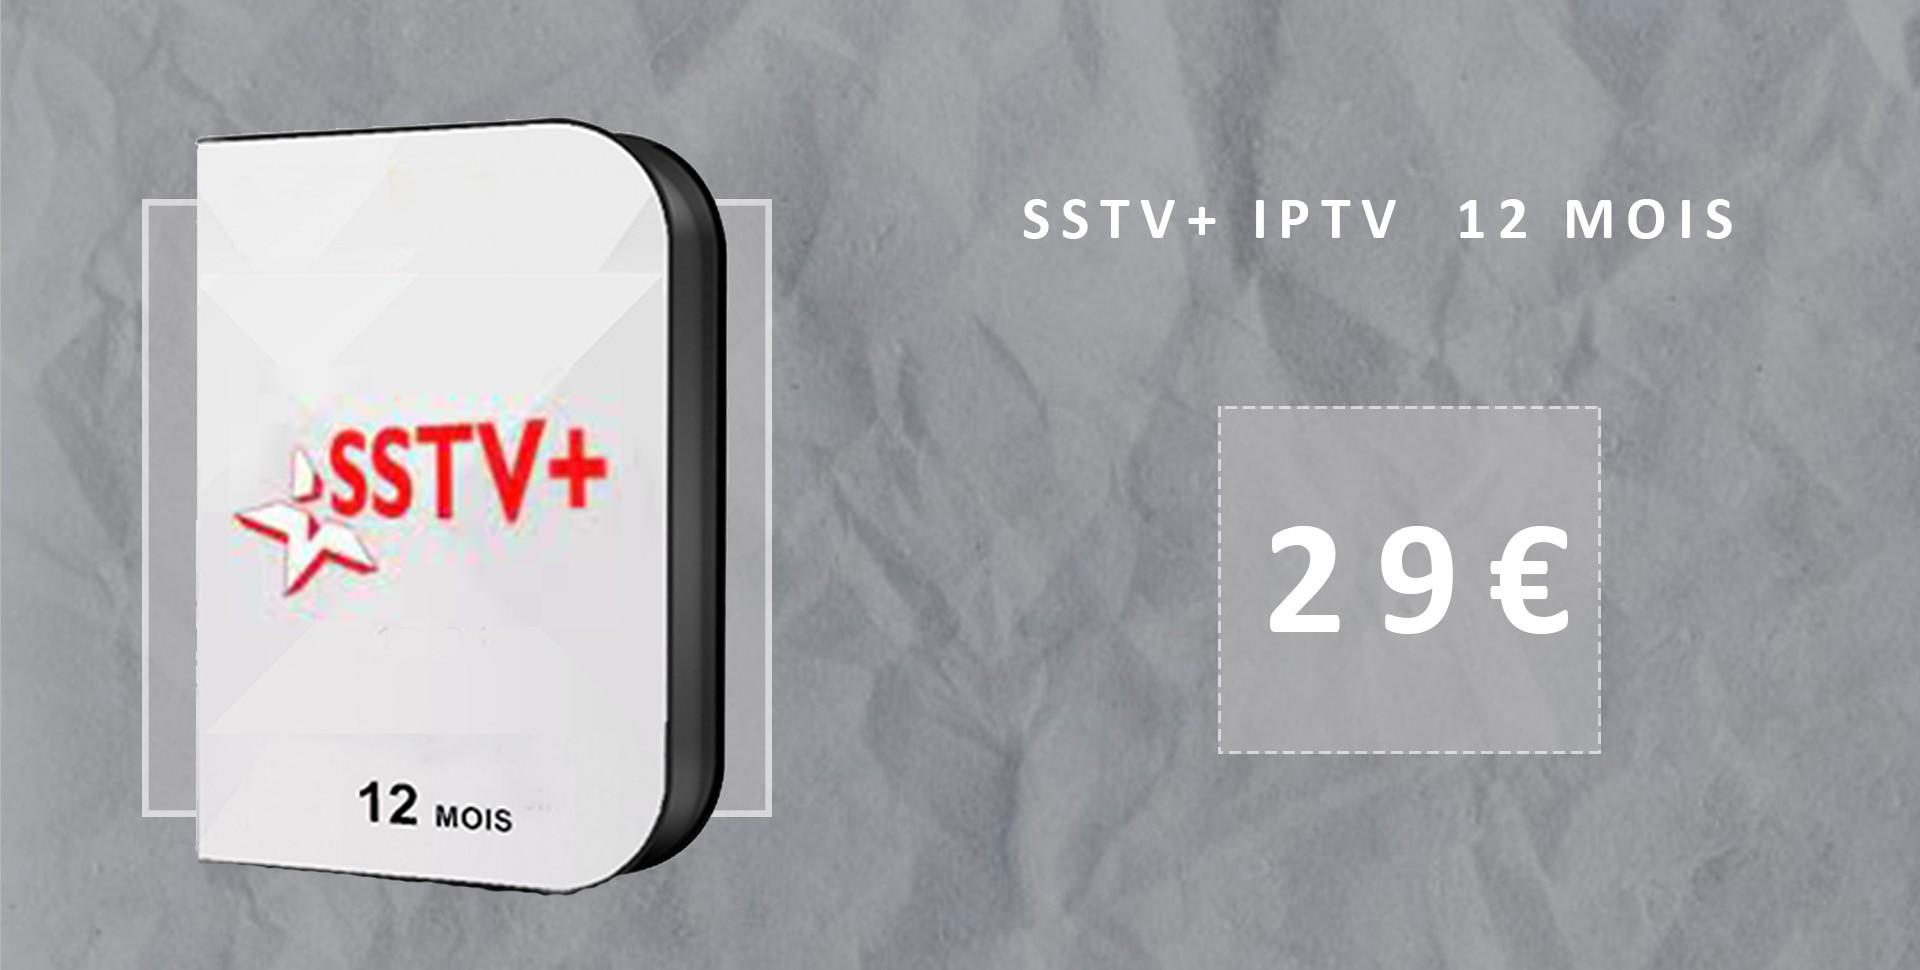 Abonnement sstv+ iptv